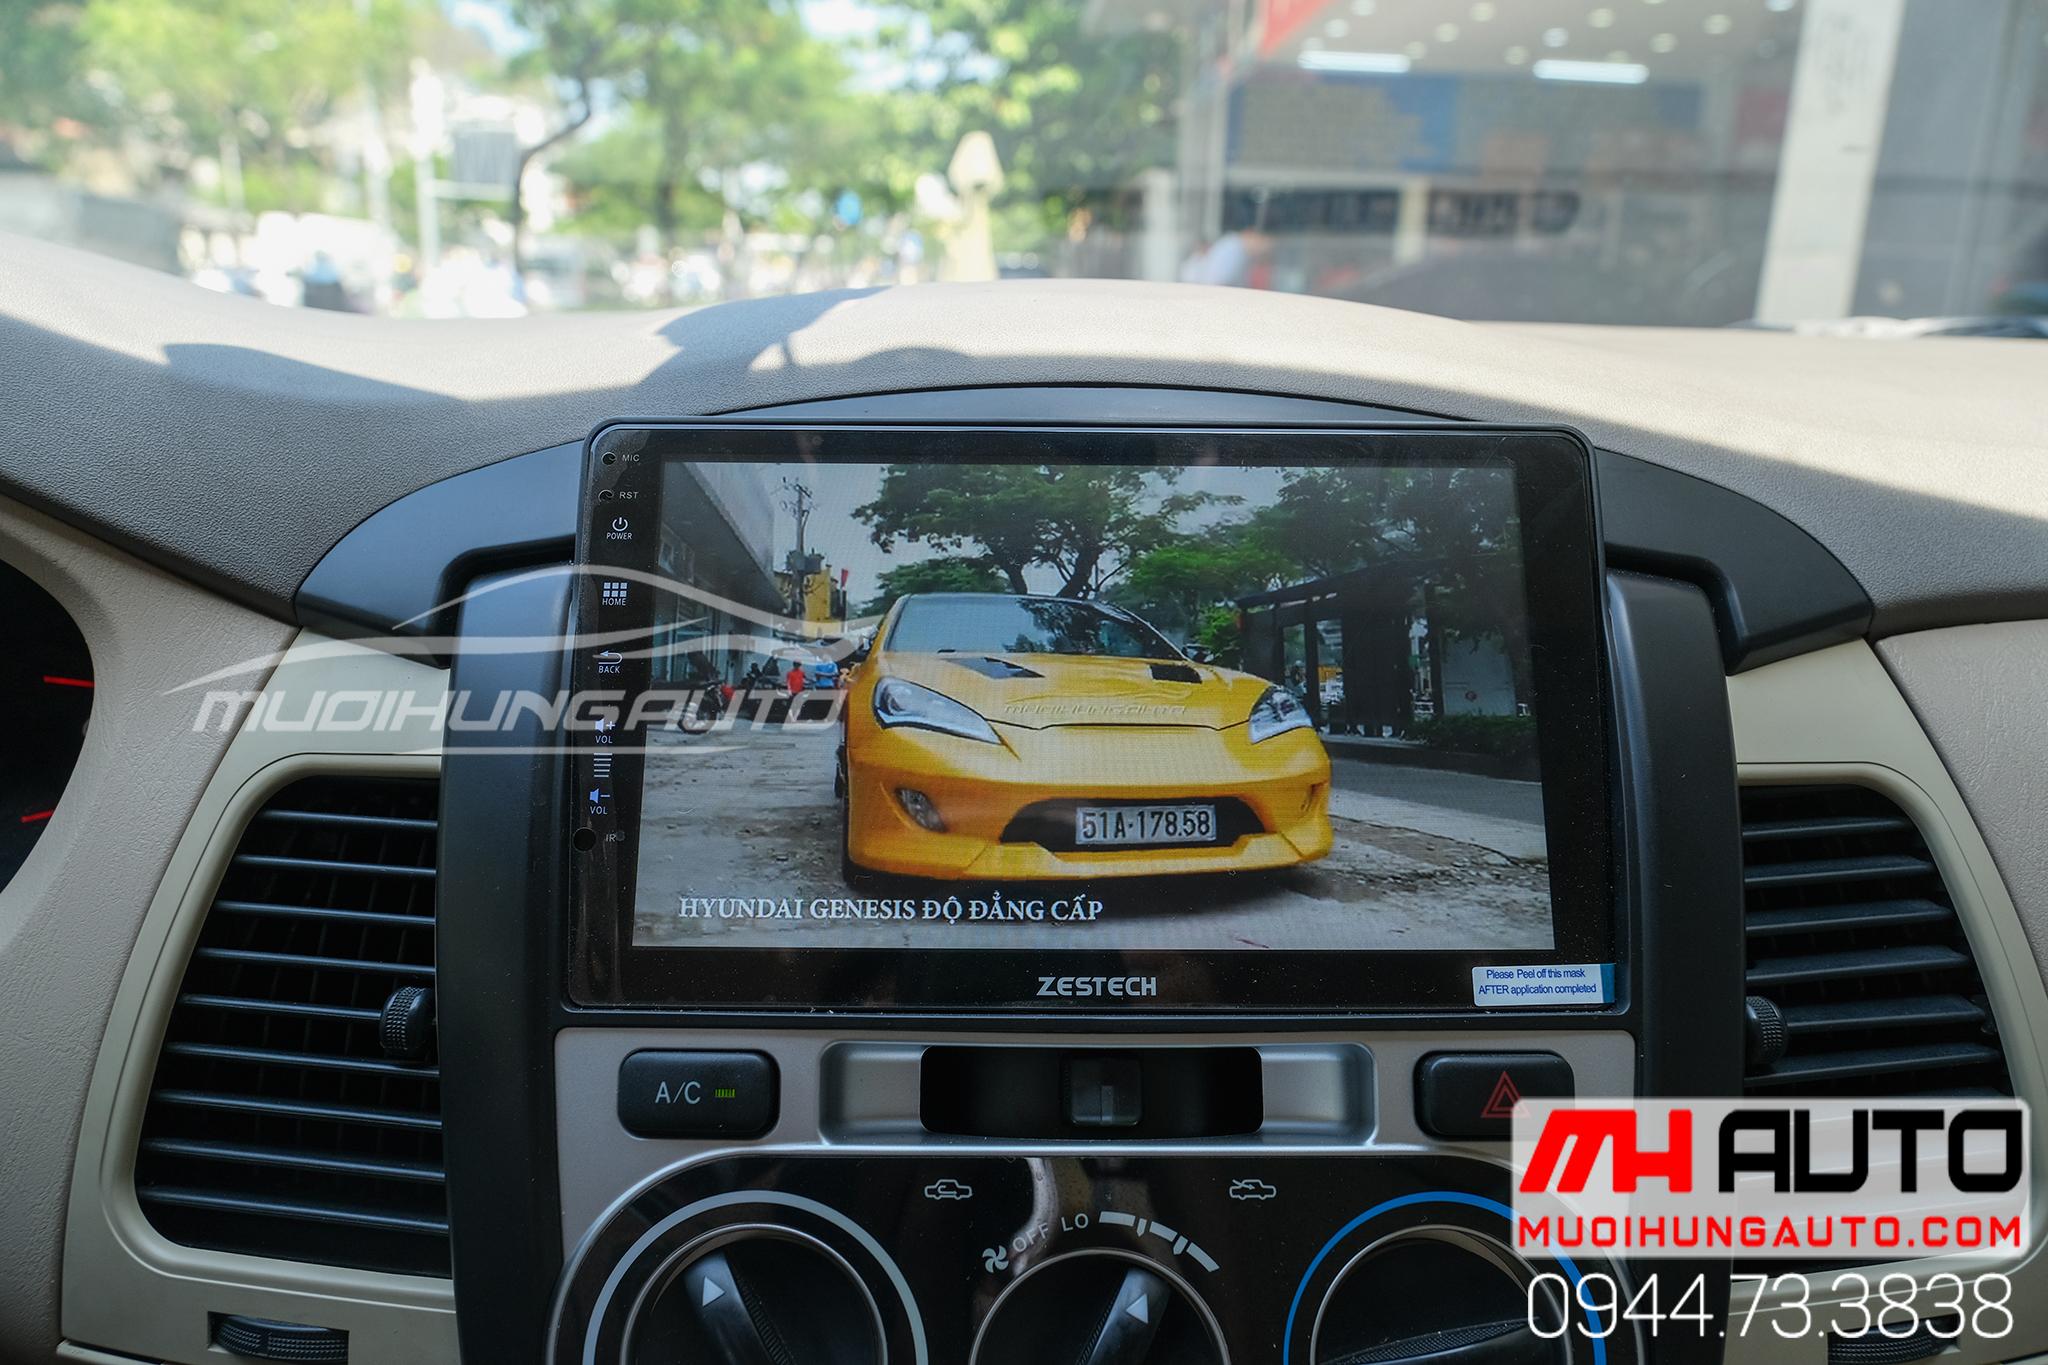 lắp đặt màn hình dvd android Zestech Z800 Pro xe Toyota Innova 2005